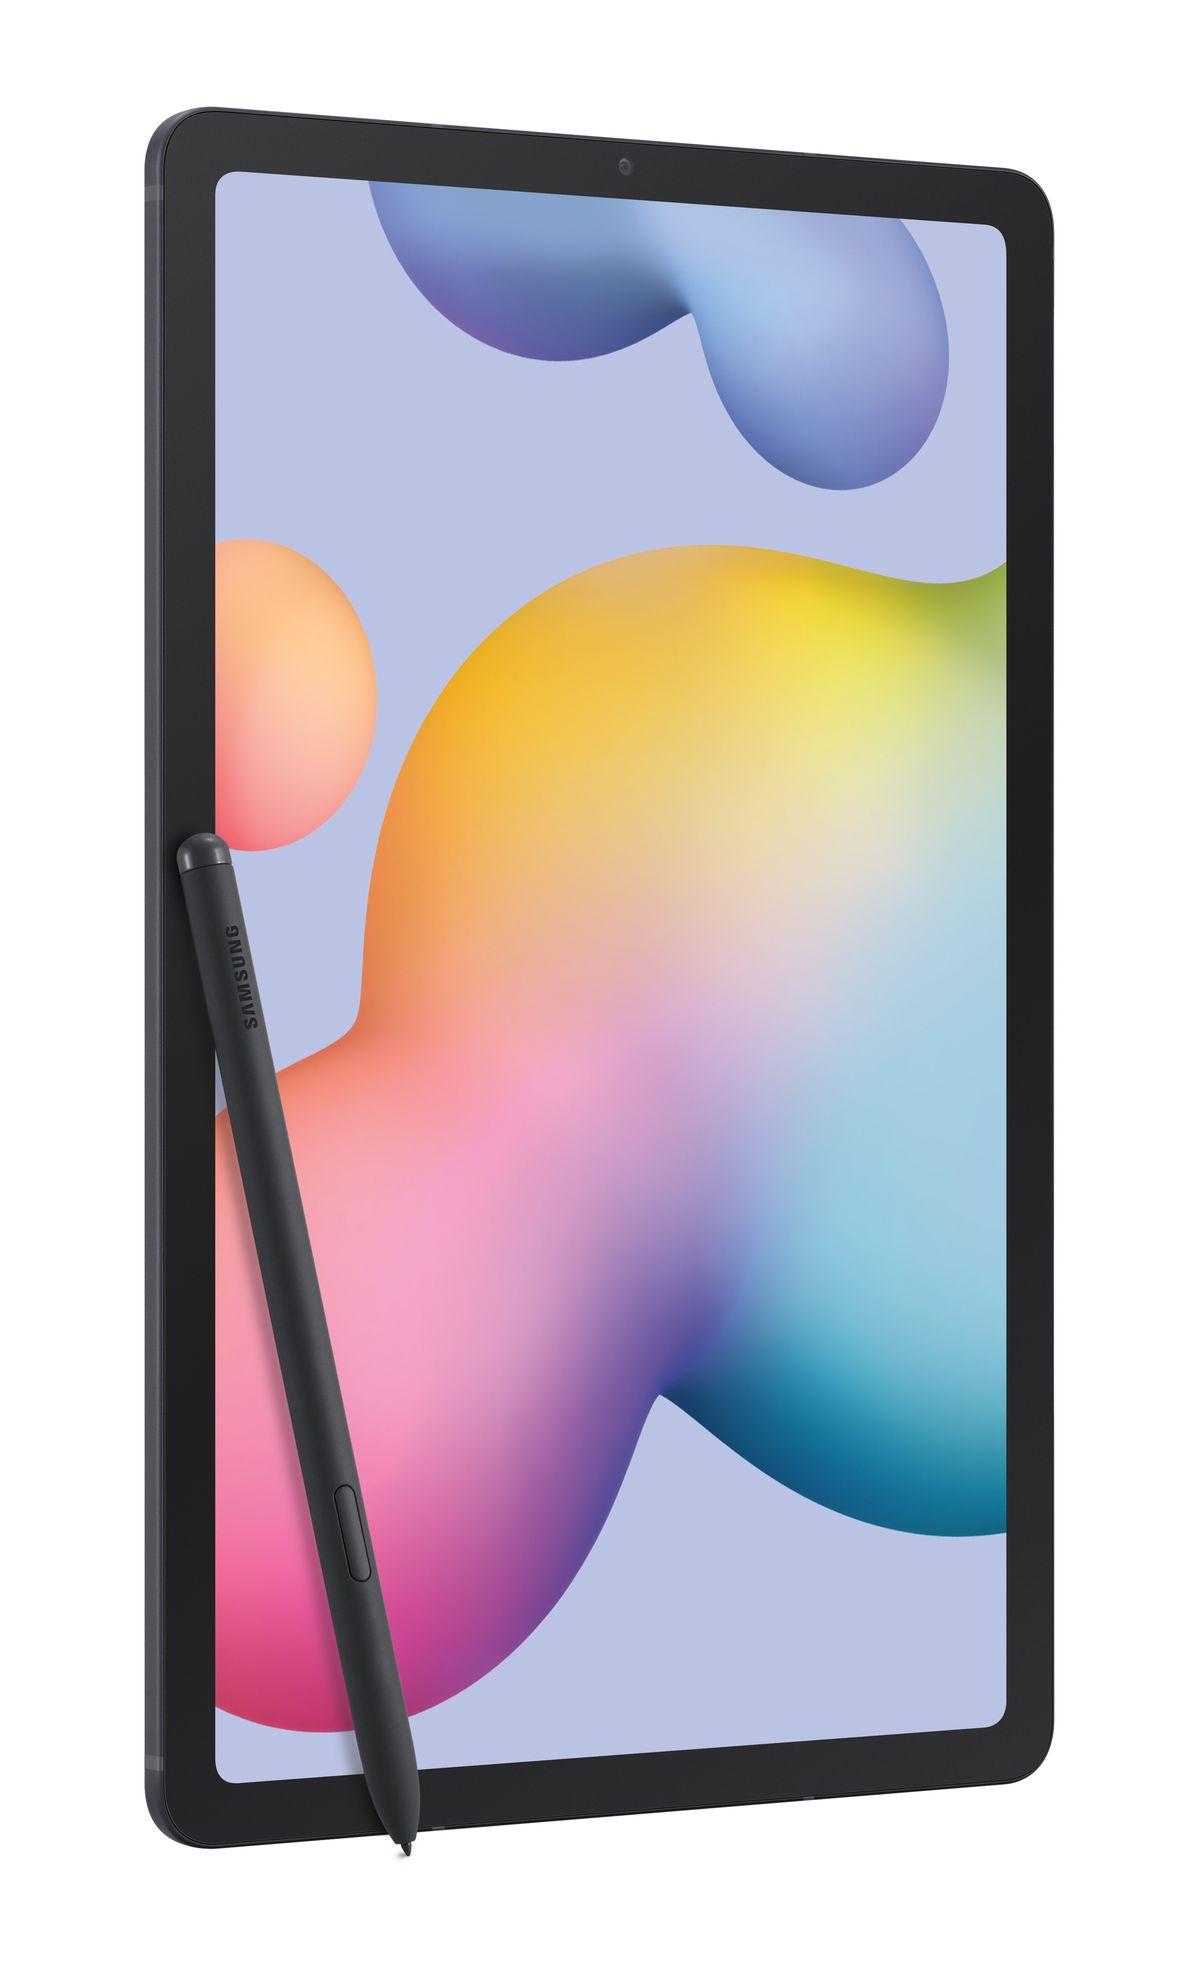 Samsung Galaxy O S10 Lite será lançado nos EUA em 17 de abril por US $ 650 2